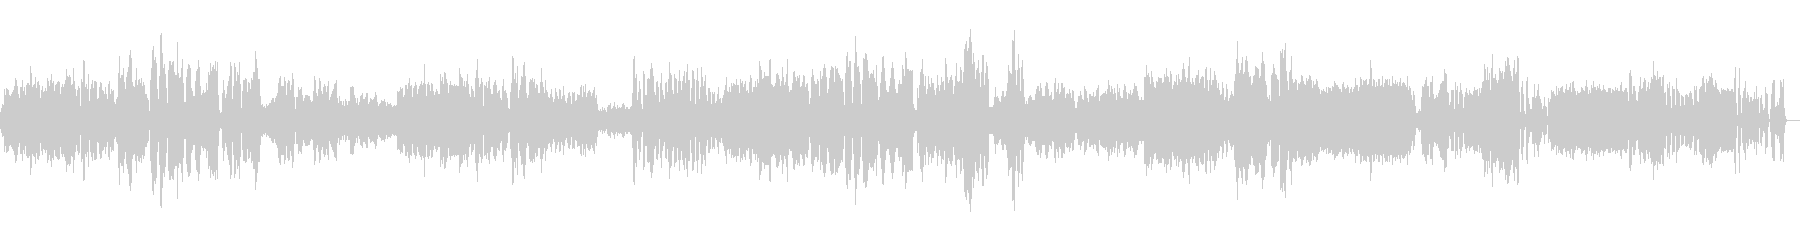 ベートーベン弦楽四重奏第15番第5楽章の未再生の波形